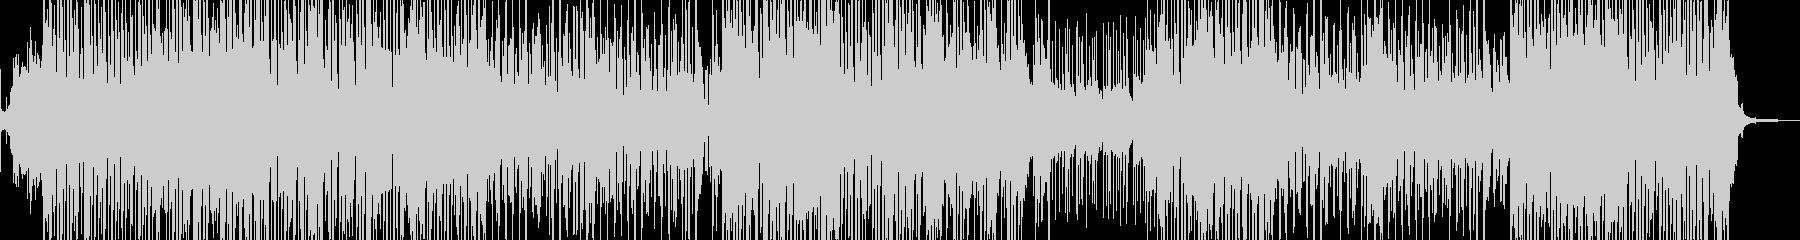 琴・三味線・レトロな演歌調R&Bポップの未再生の波形